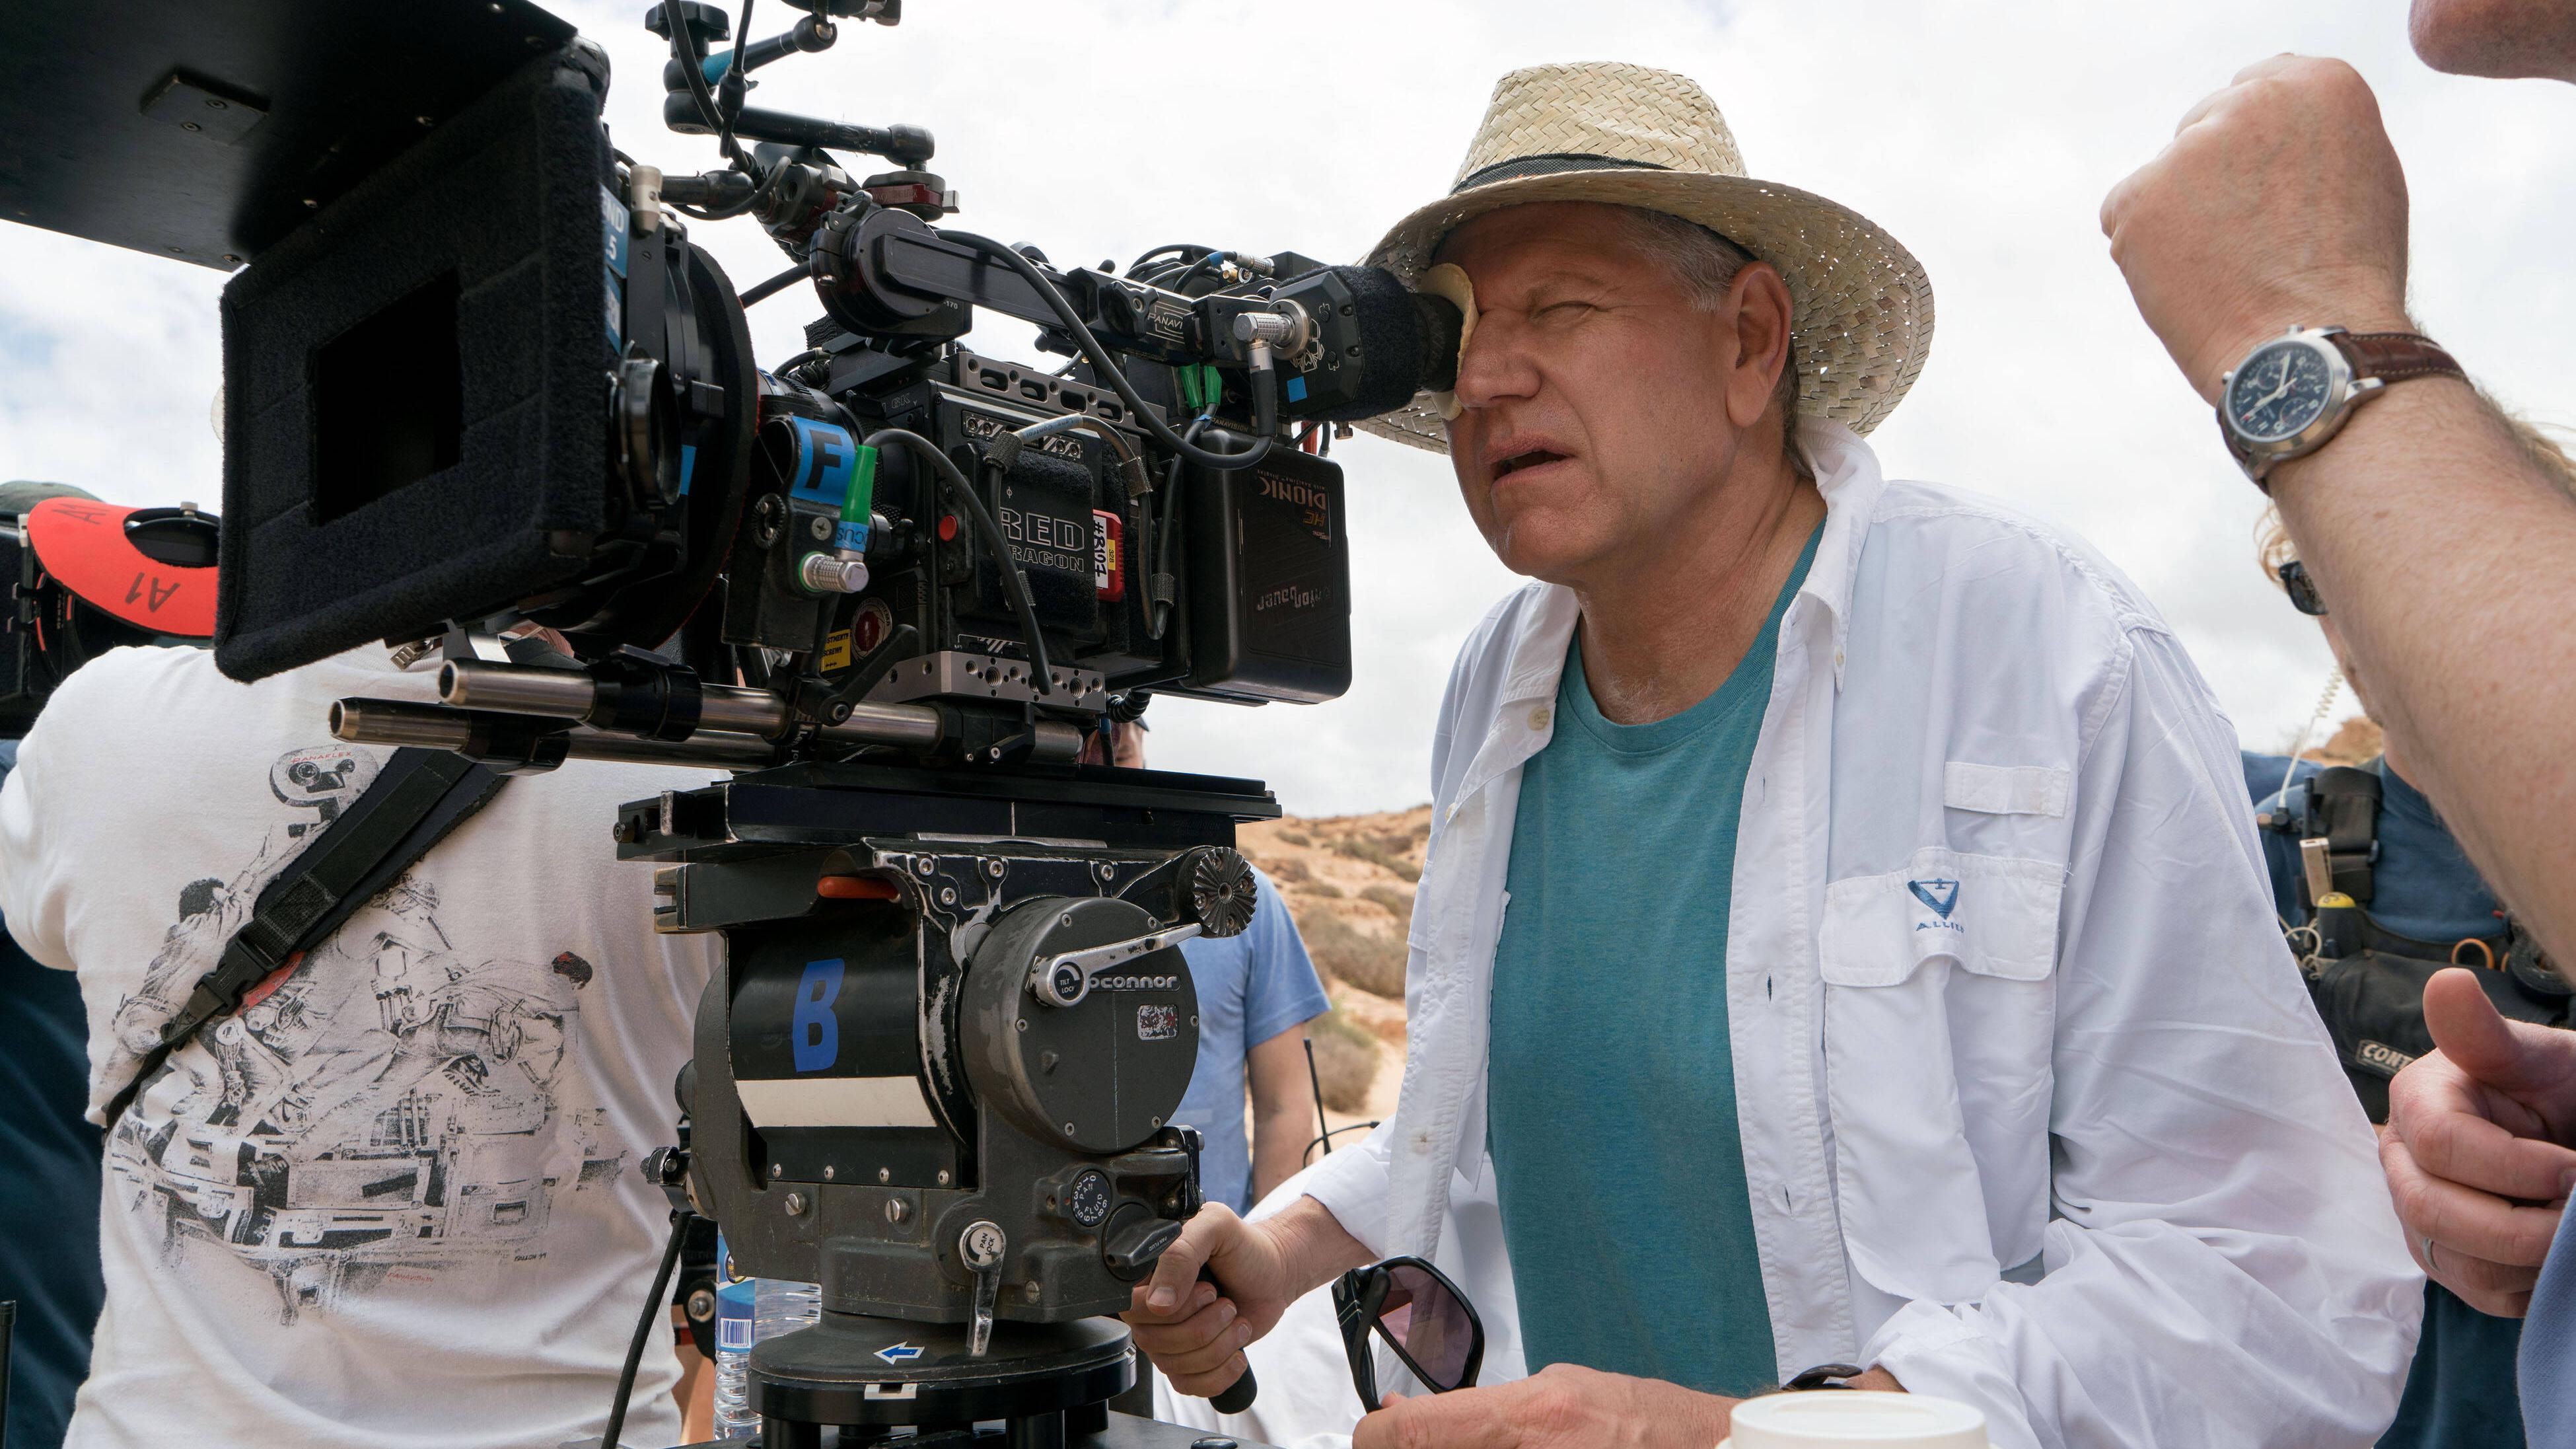 Liebesfilme: Robert Zemeckis drehte den Film Forrest Gump 1994 auf Grundlage des Buches von Winston Groom.